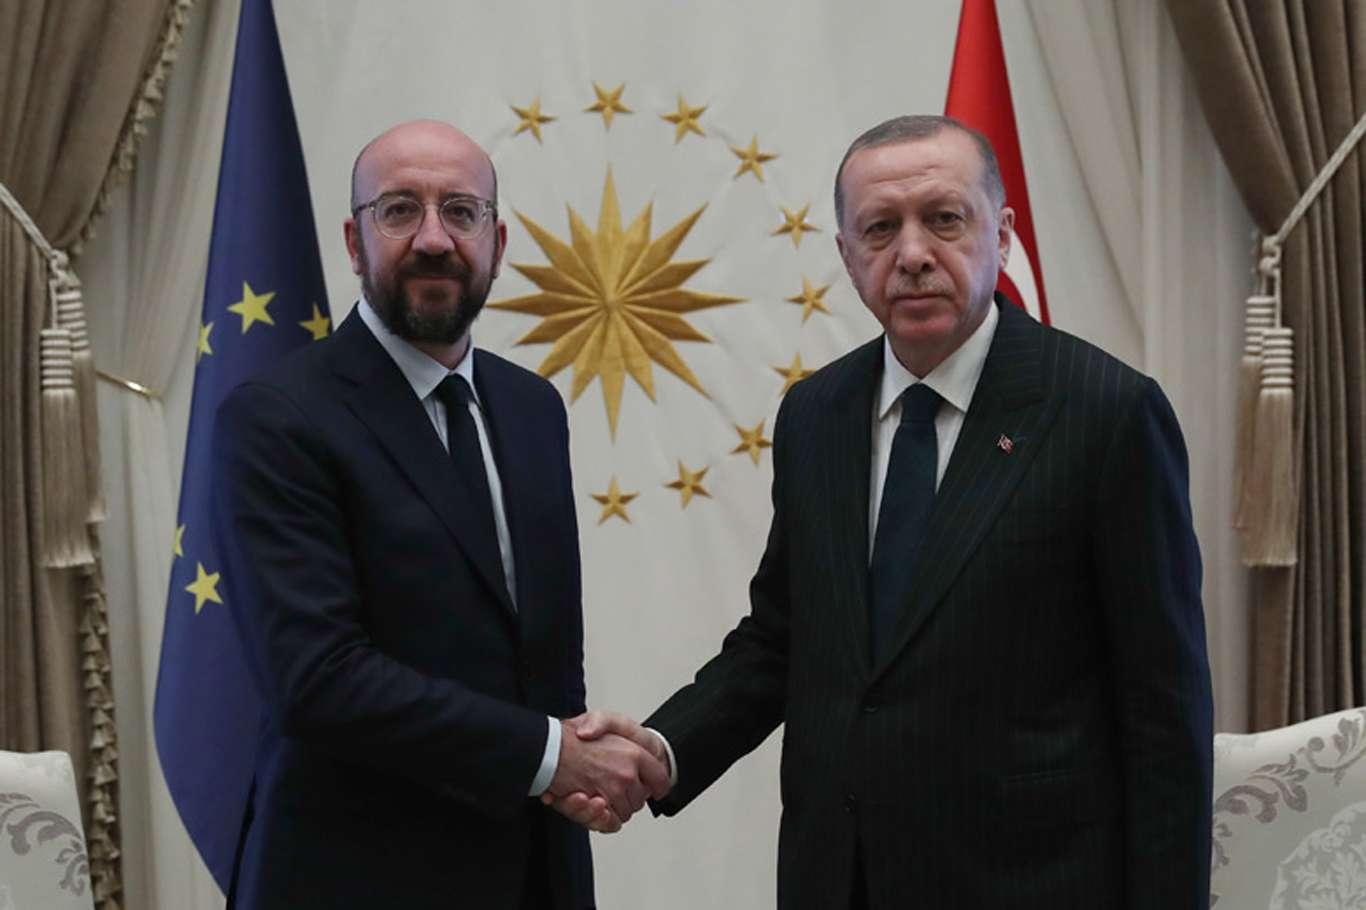 Cumhurbaşkanı Erdoğan AB Konseyi Başkanıyla görüştü